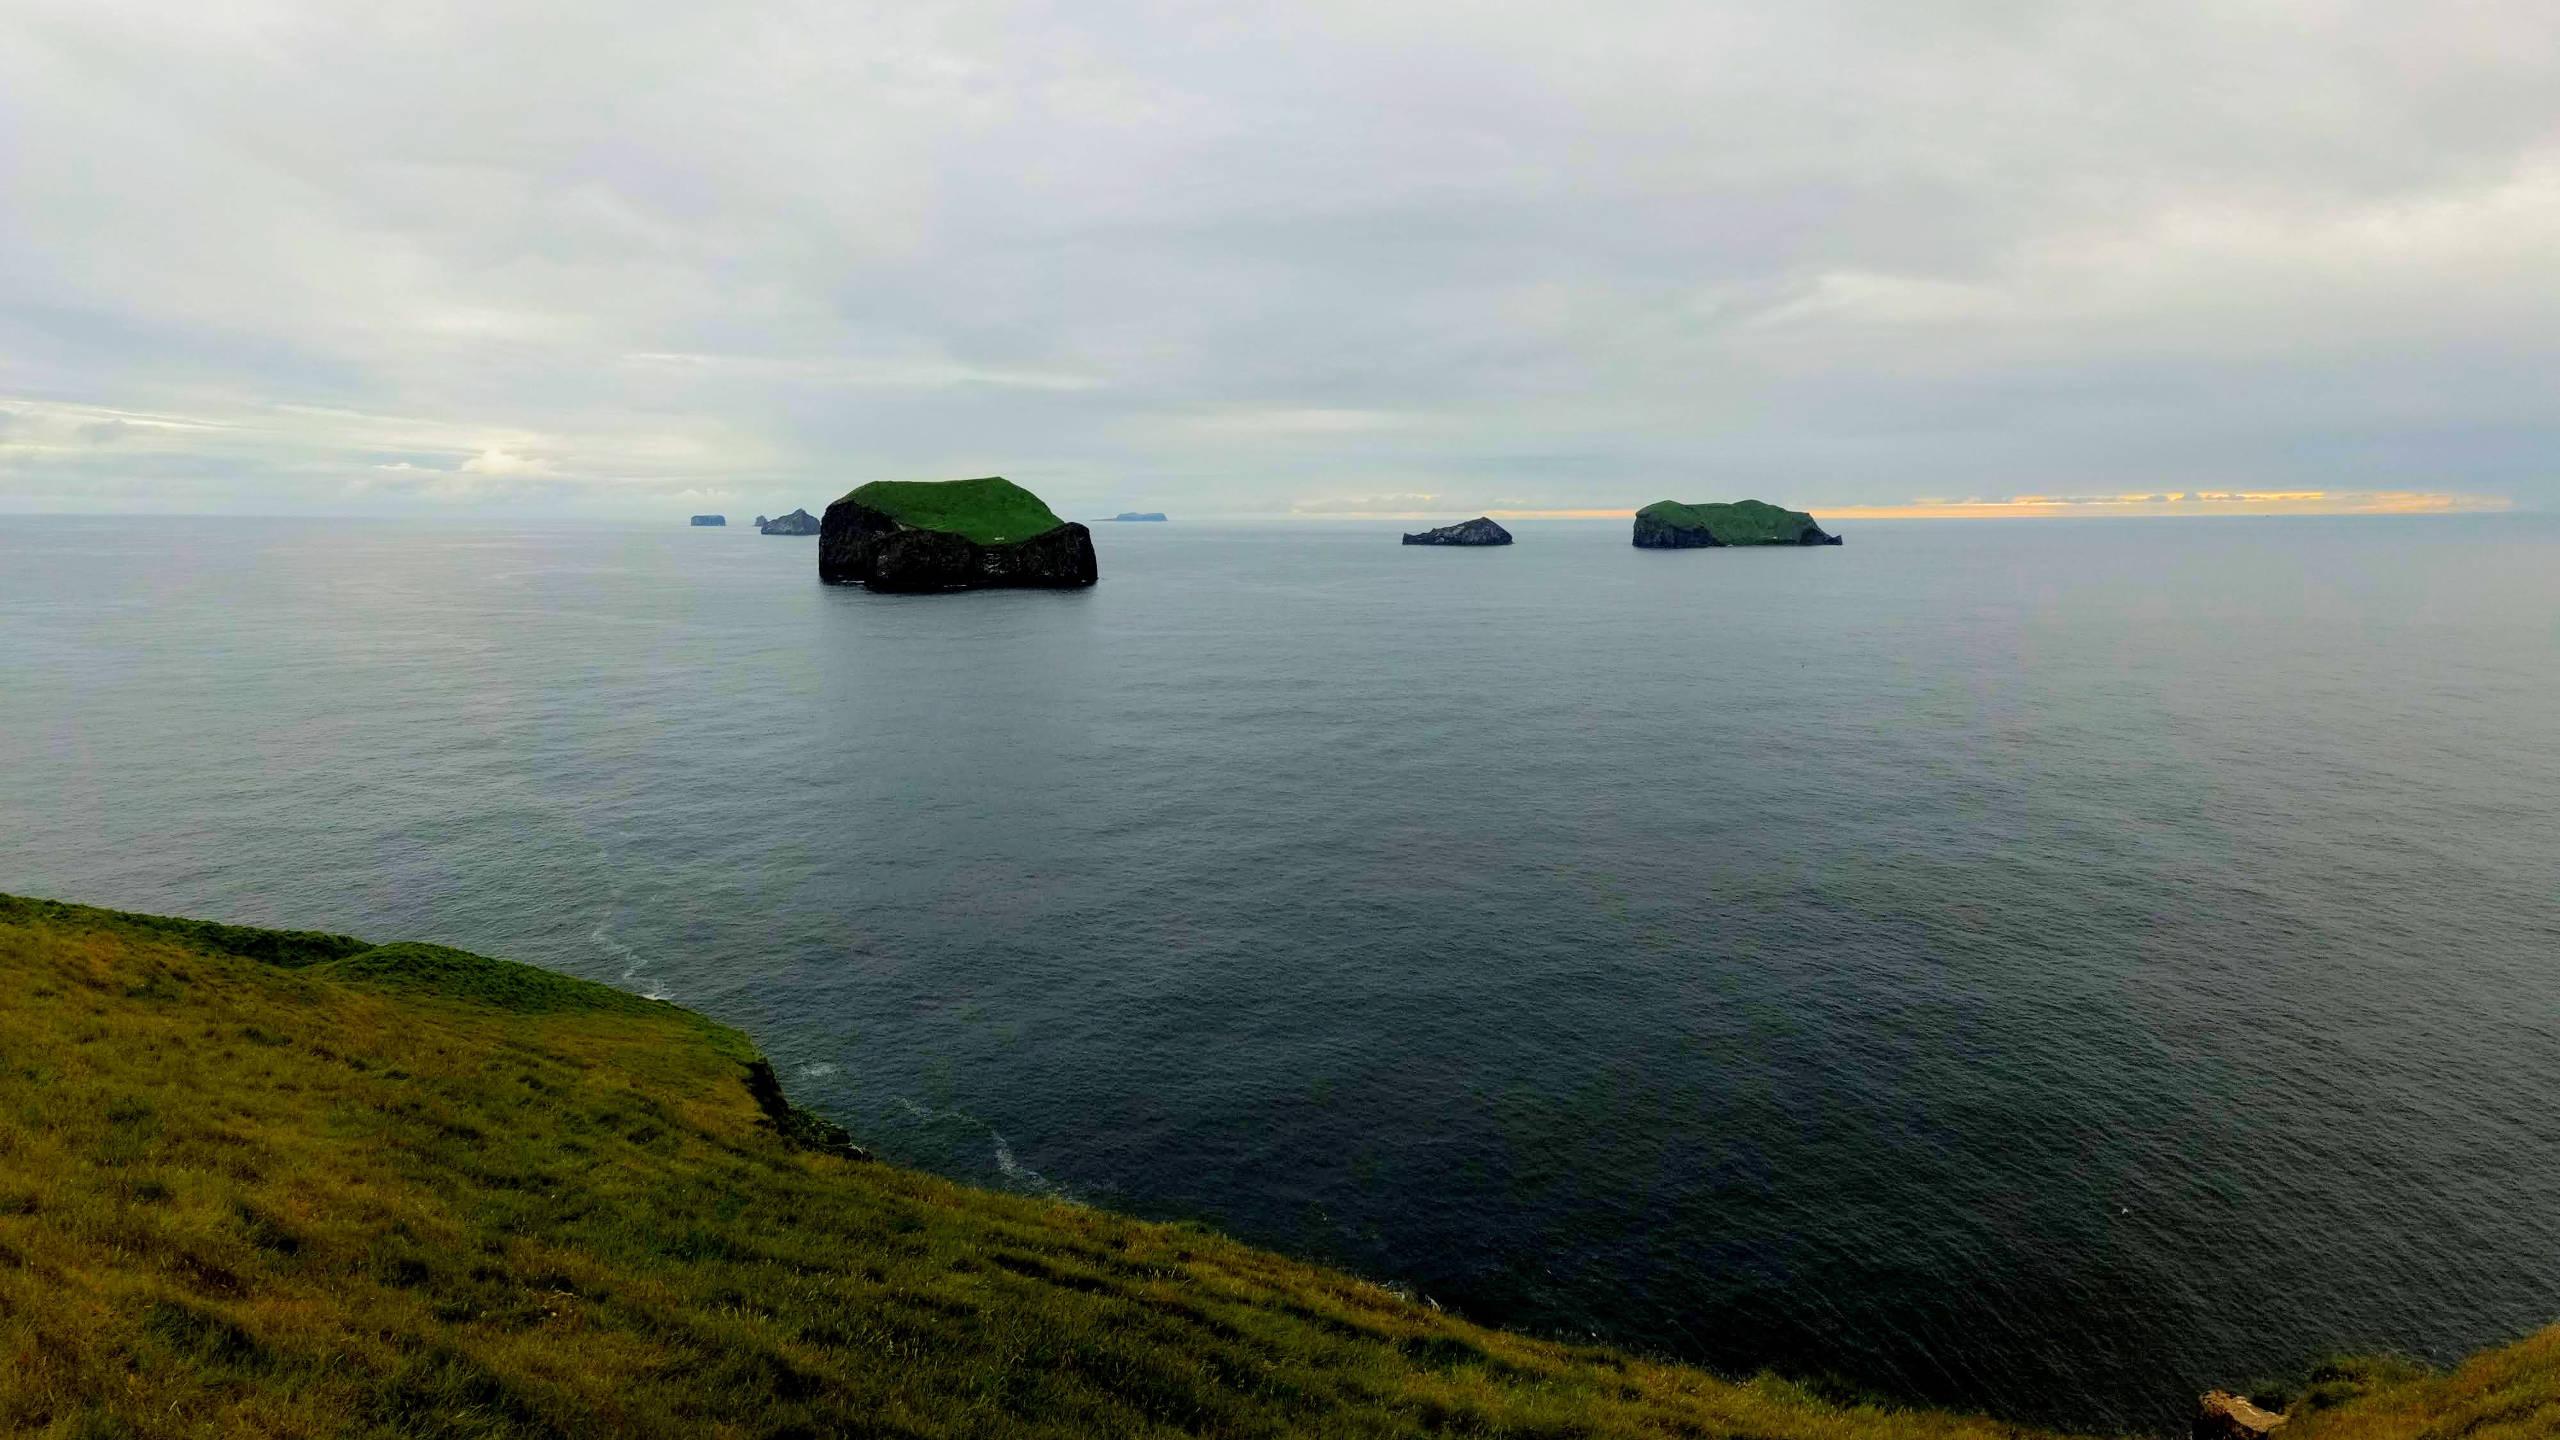 Souostroví Vestmannaeyjar, v popředí ostrůvky Álsey a Suðurey